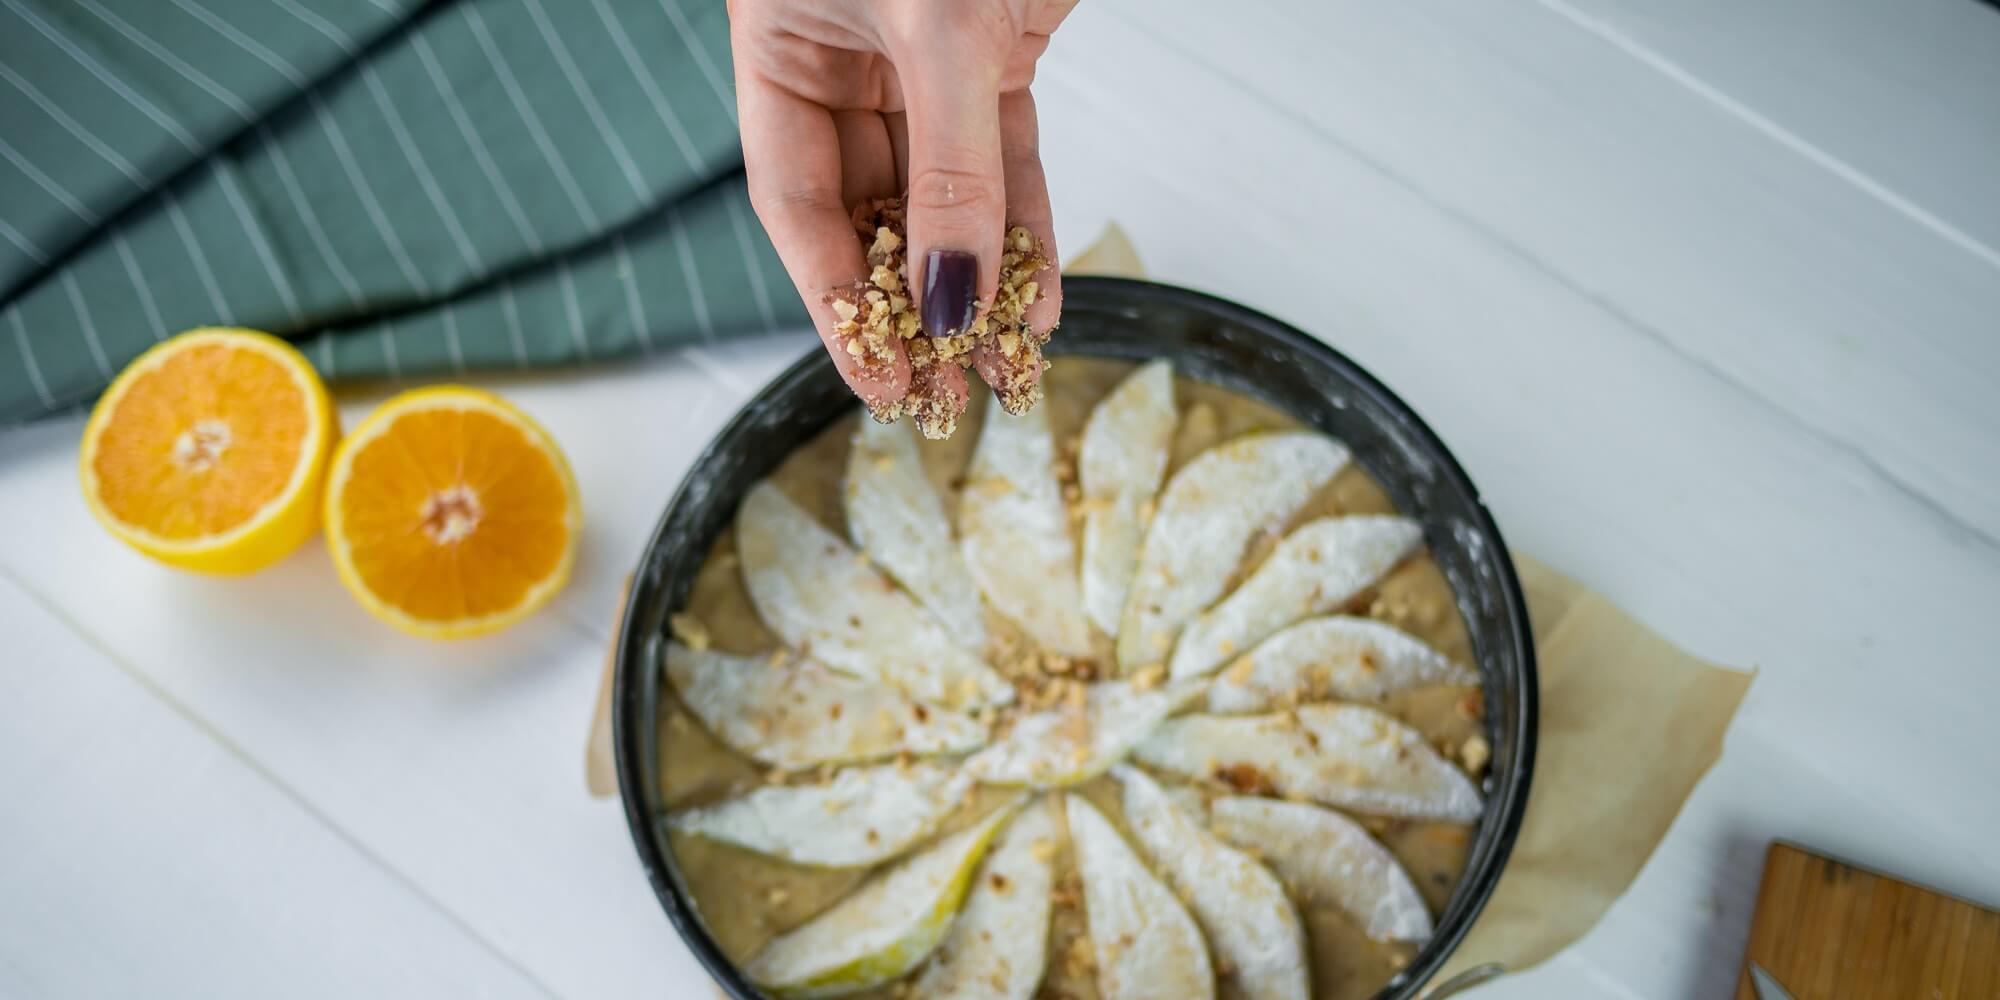 Сверху разложите грушу и посыпьте орехами